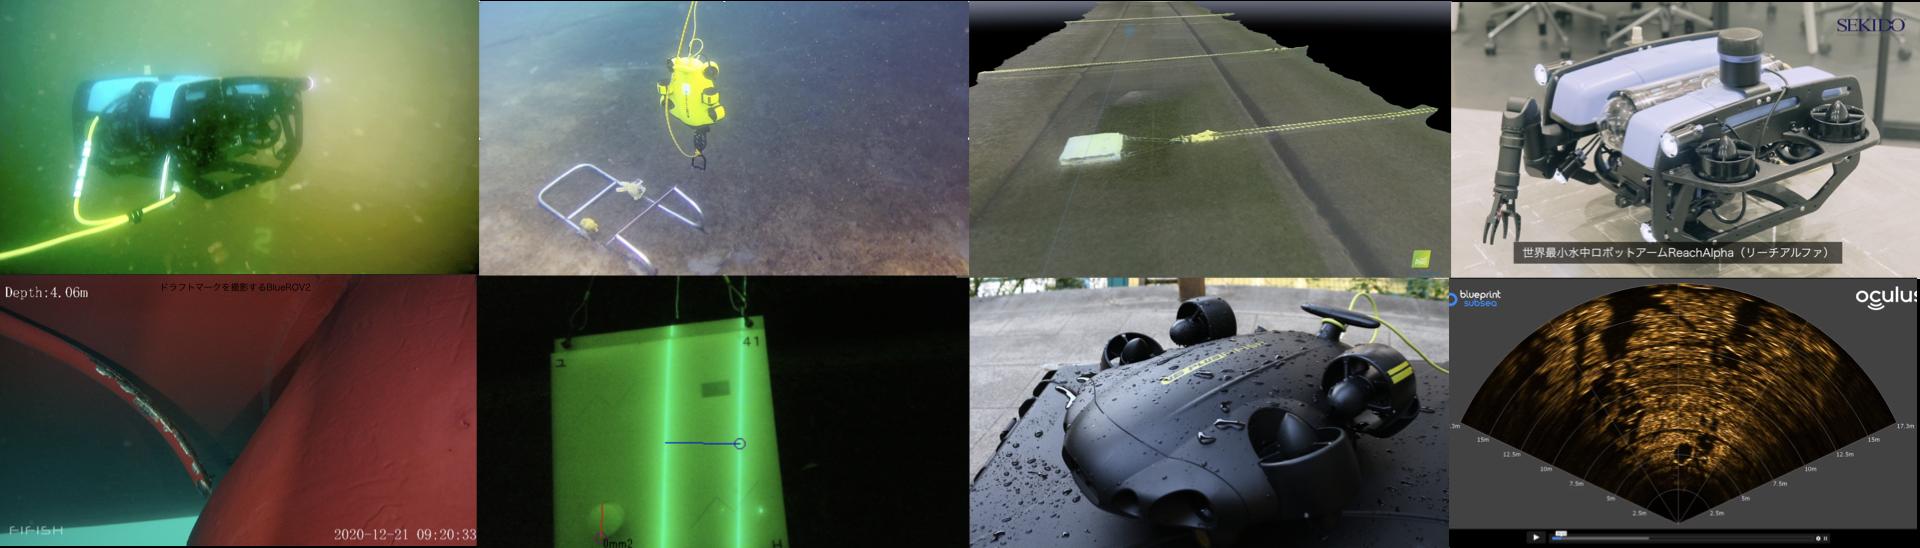 水中ドローン・ROV最新事例セミナー